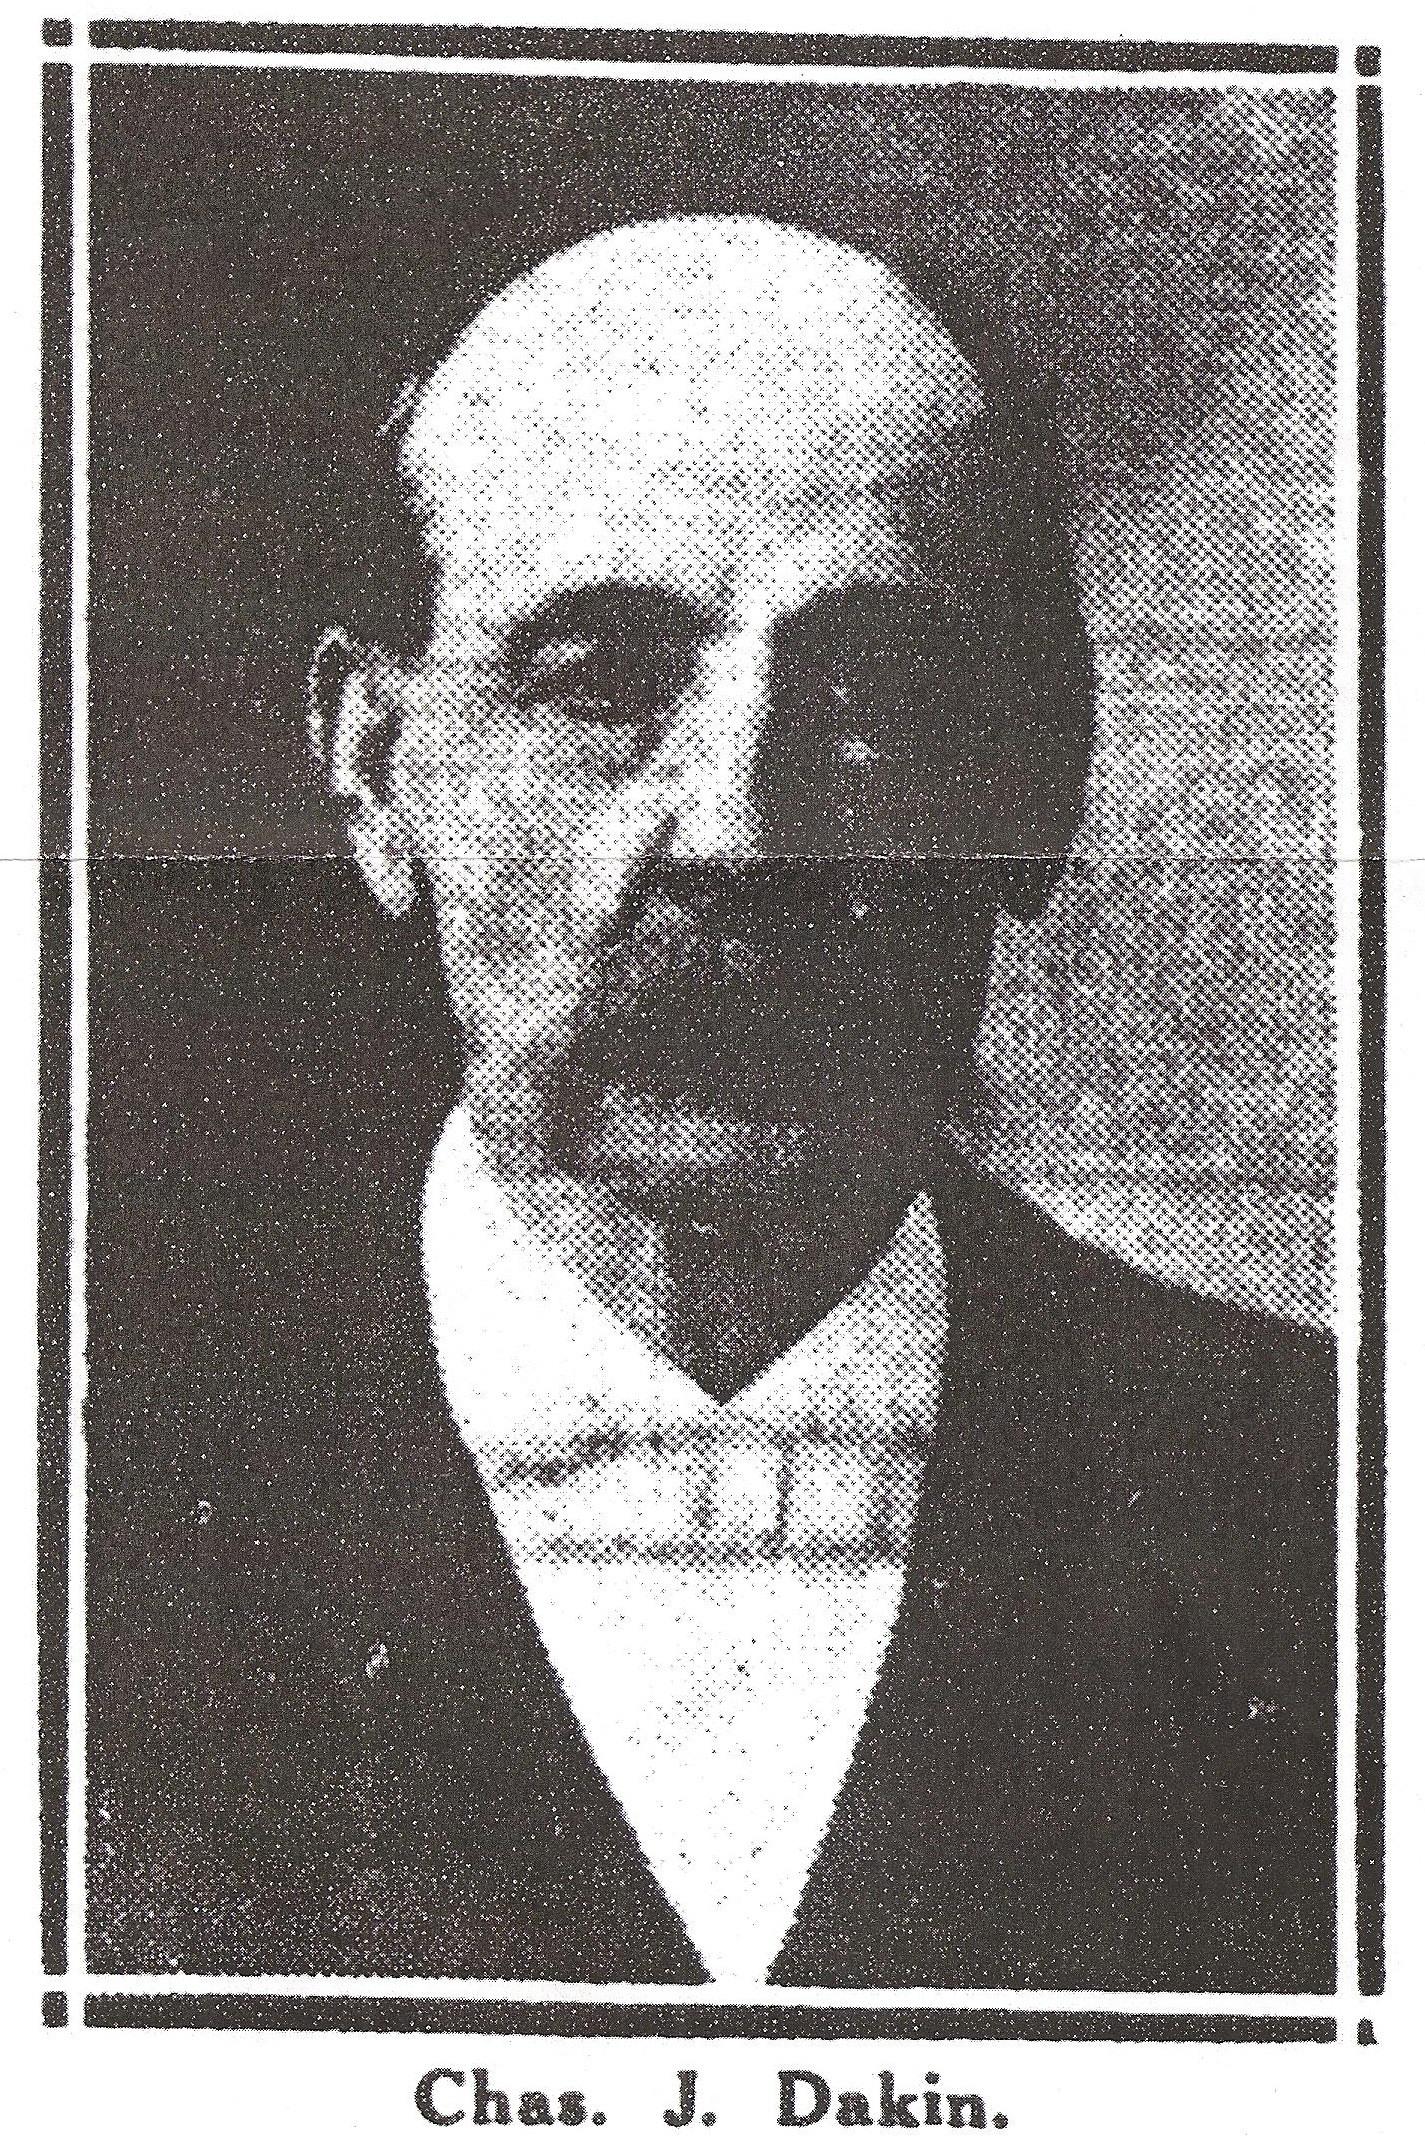 Edward Dakin